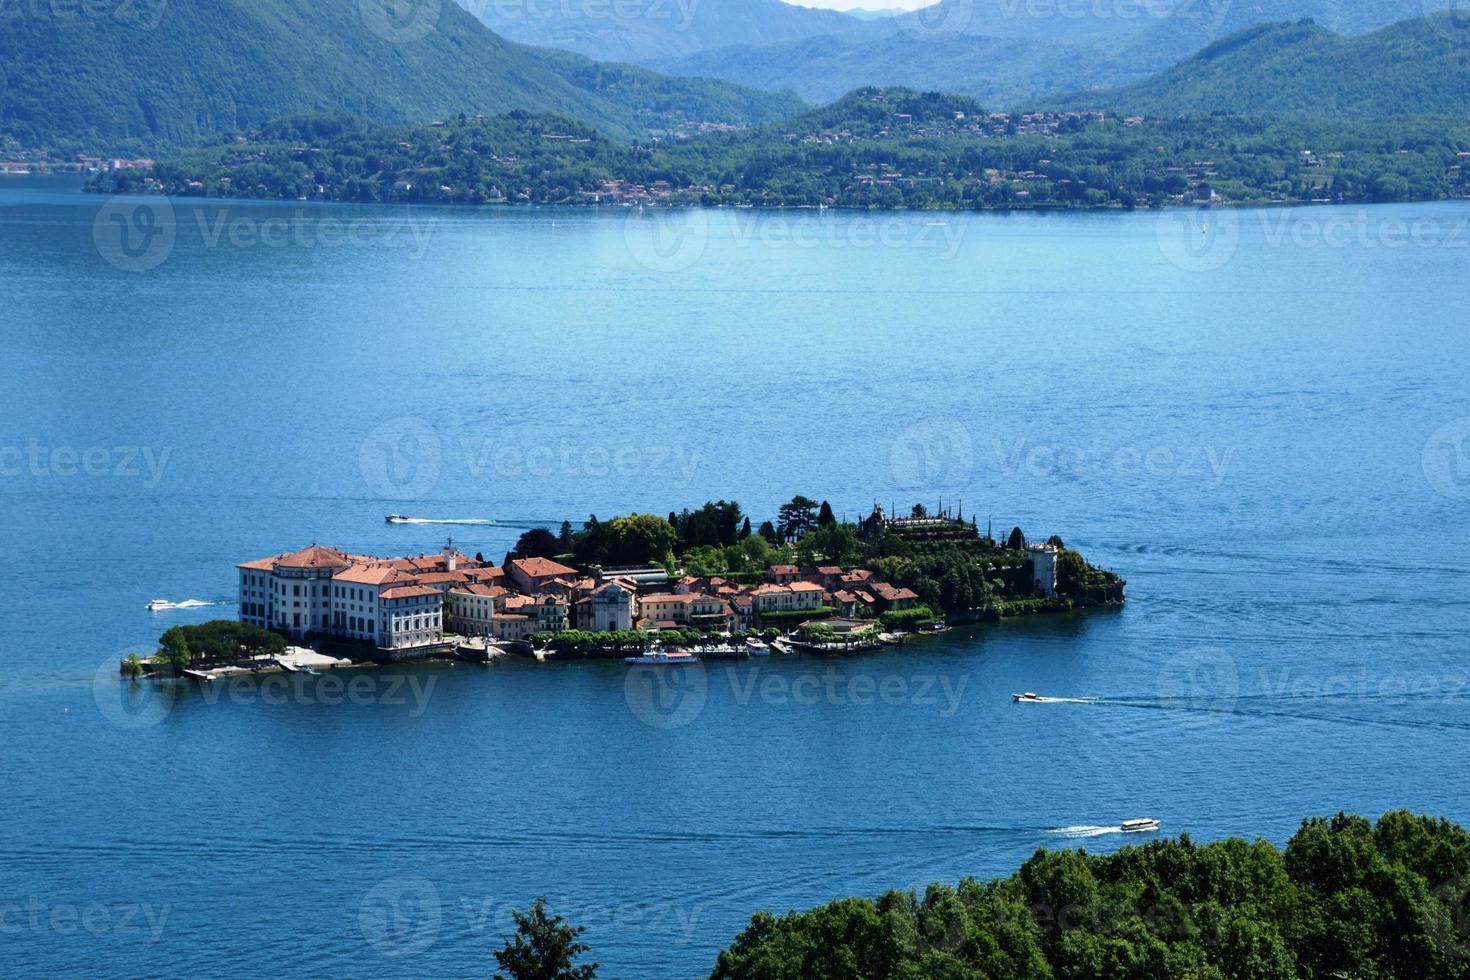 isola bella lago maggiore in Italië foto